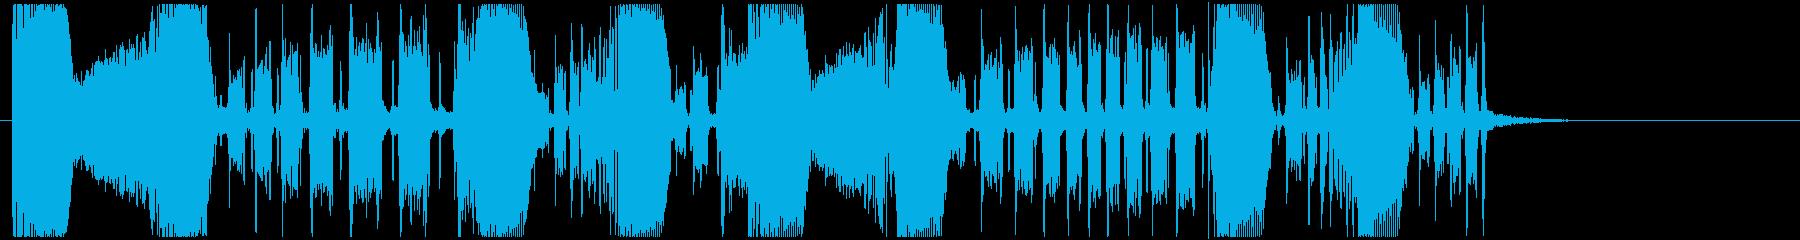 エレクトロ/ウネウネしたベースのジングルの再生済みの波形